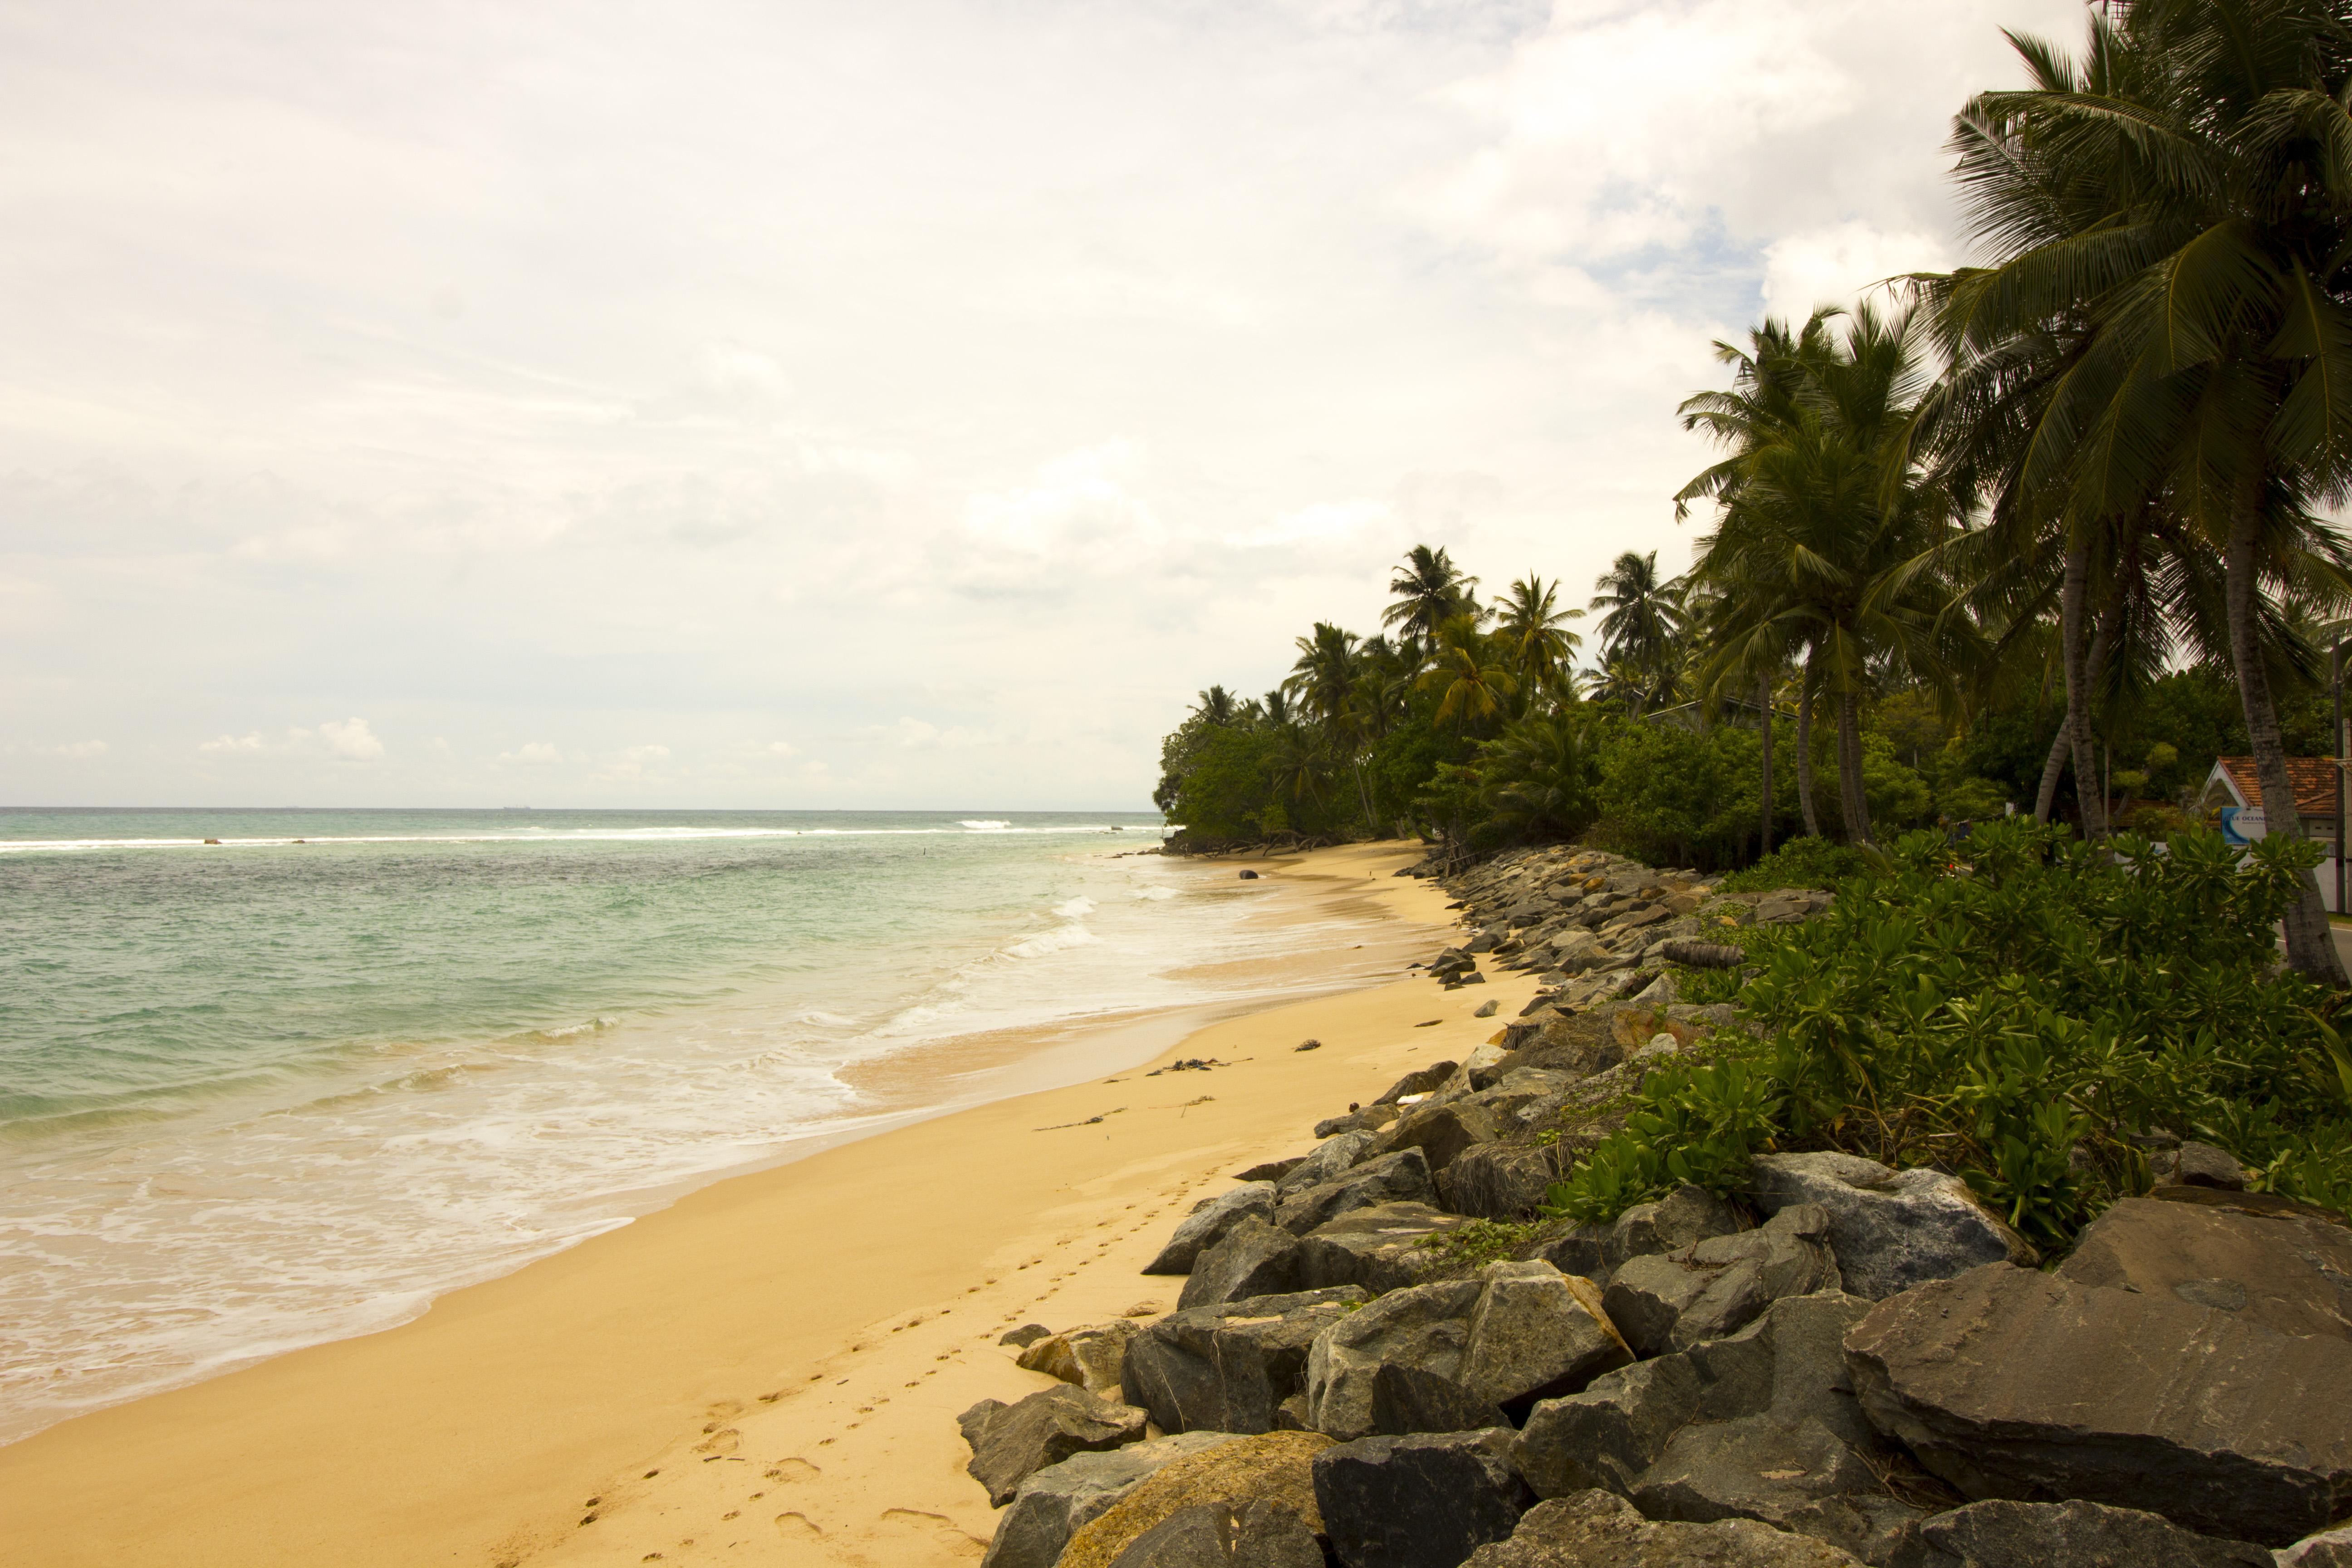 Viajar a Sri Lanka en diciembre - Costa sur de Sri Lanka